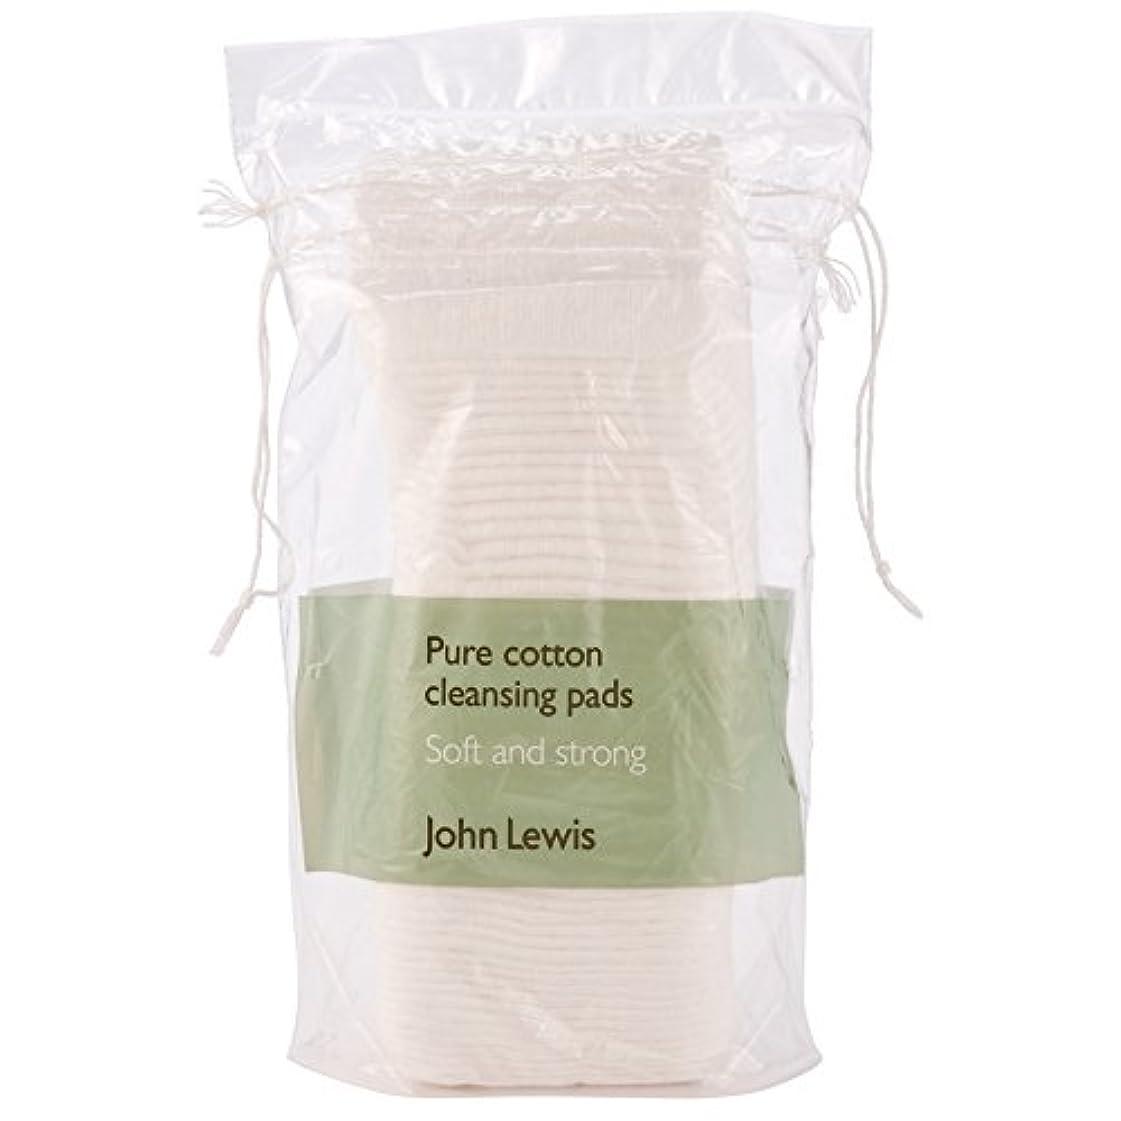 恐ろしいです電話に出る落ちたジョン?ルイス純粋な綿のクレンジングパッド×50 (John Lewis) (x2) - John Lewis Pure Cotton Cleansing Pads x 50 (Pack of 2) [並行輸入品]